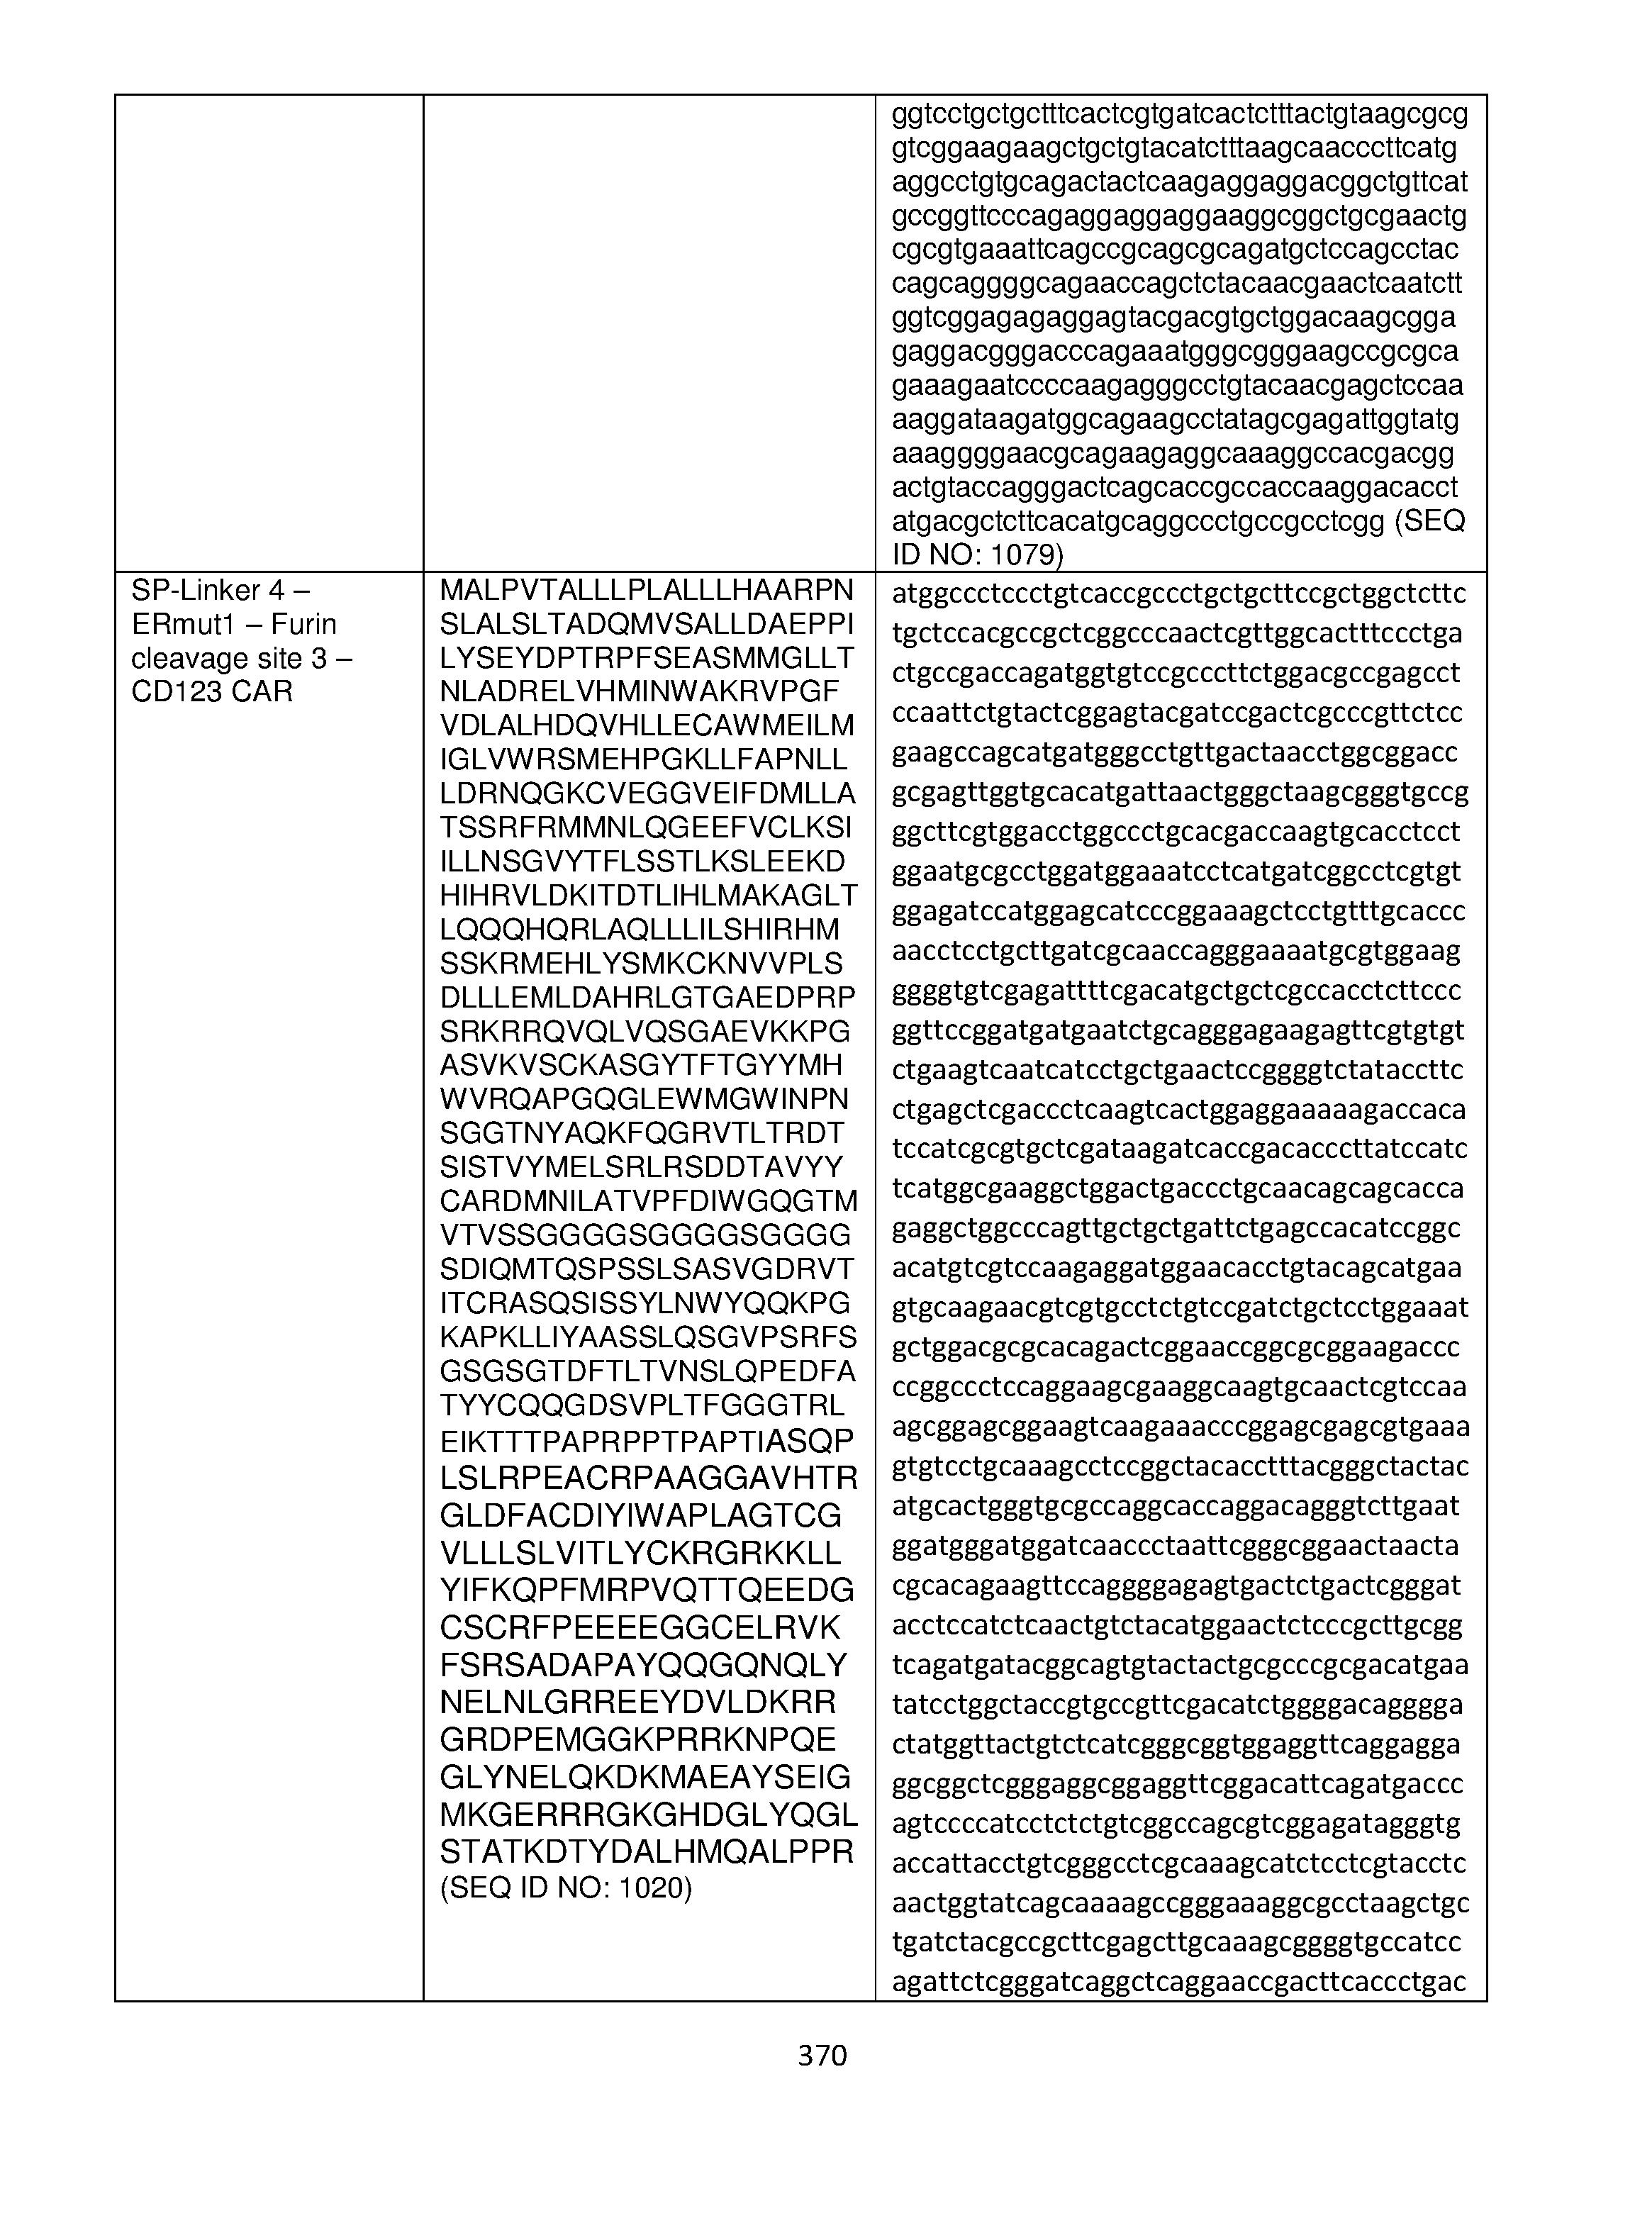 Figure imgf000371_0001